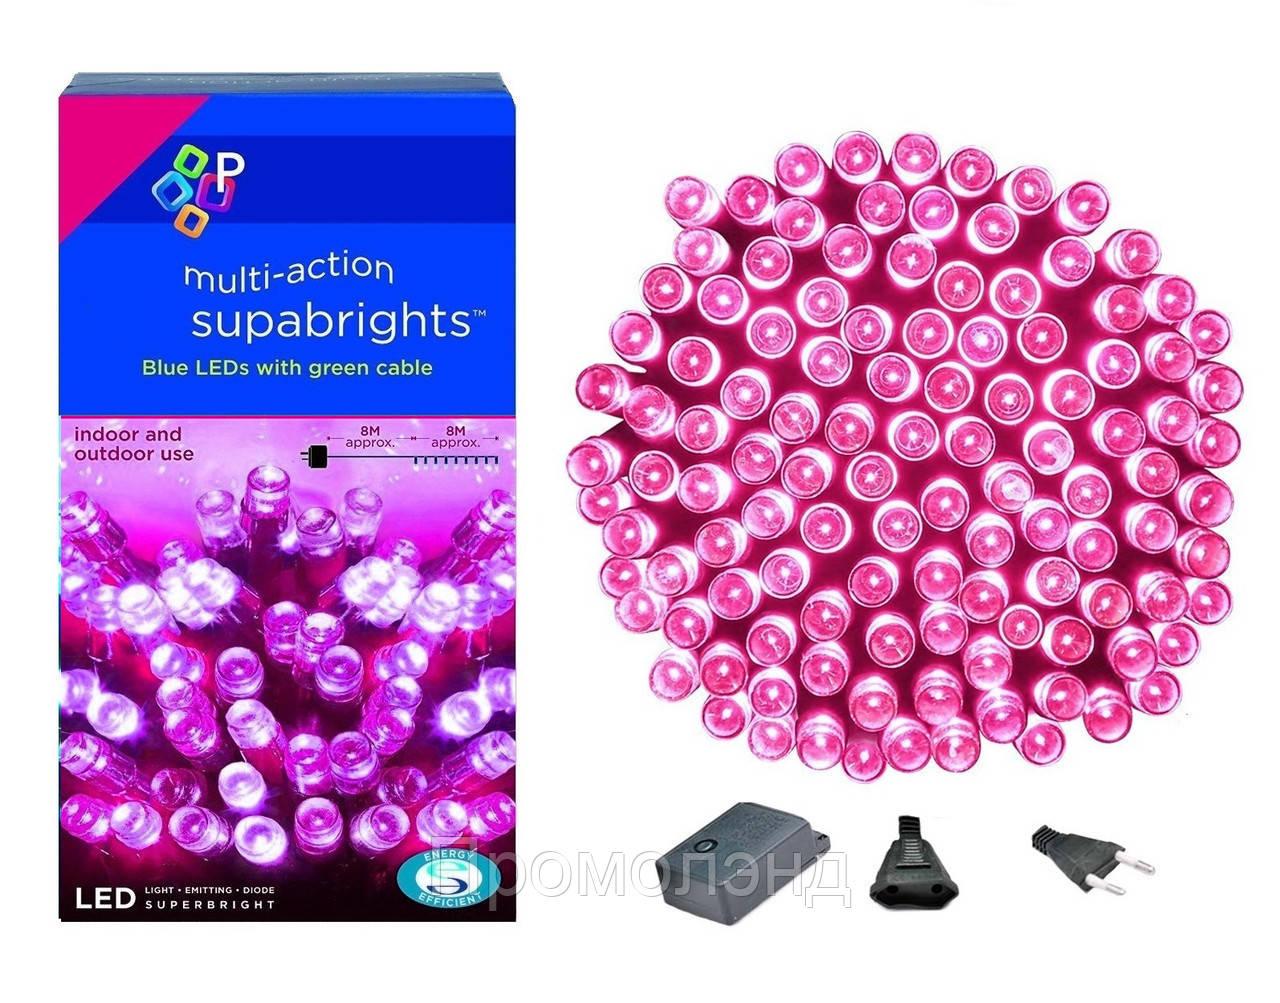 Новогодняя гирлянда 200 LED, Длина 16m, Розовый свет